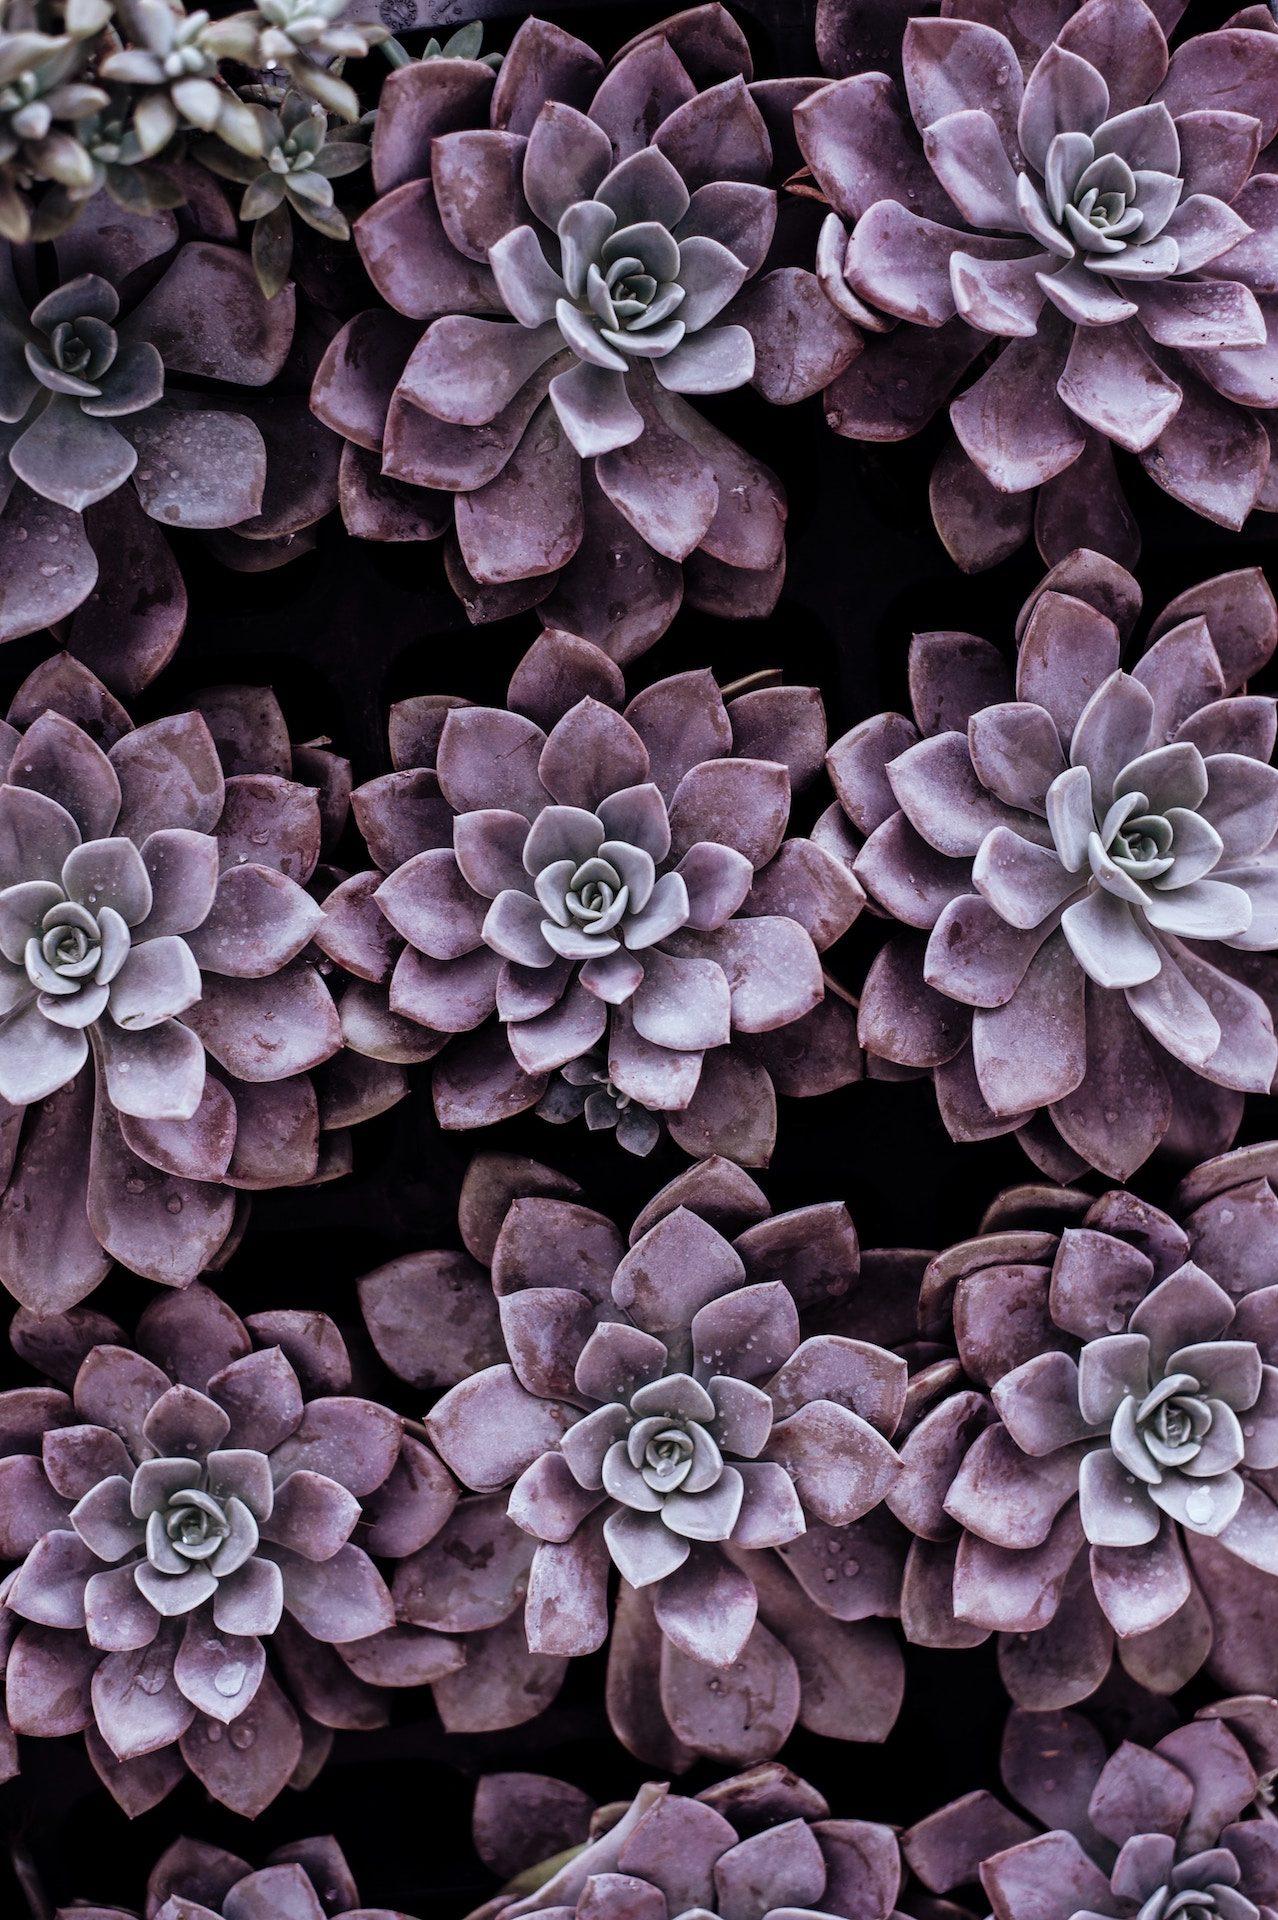 flores, plantas, moradas, jardín, geometría - Fondos de Pantalla HD - professor-falken.com